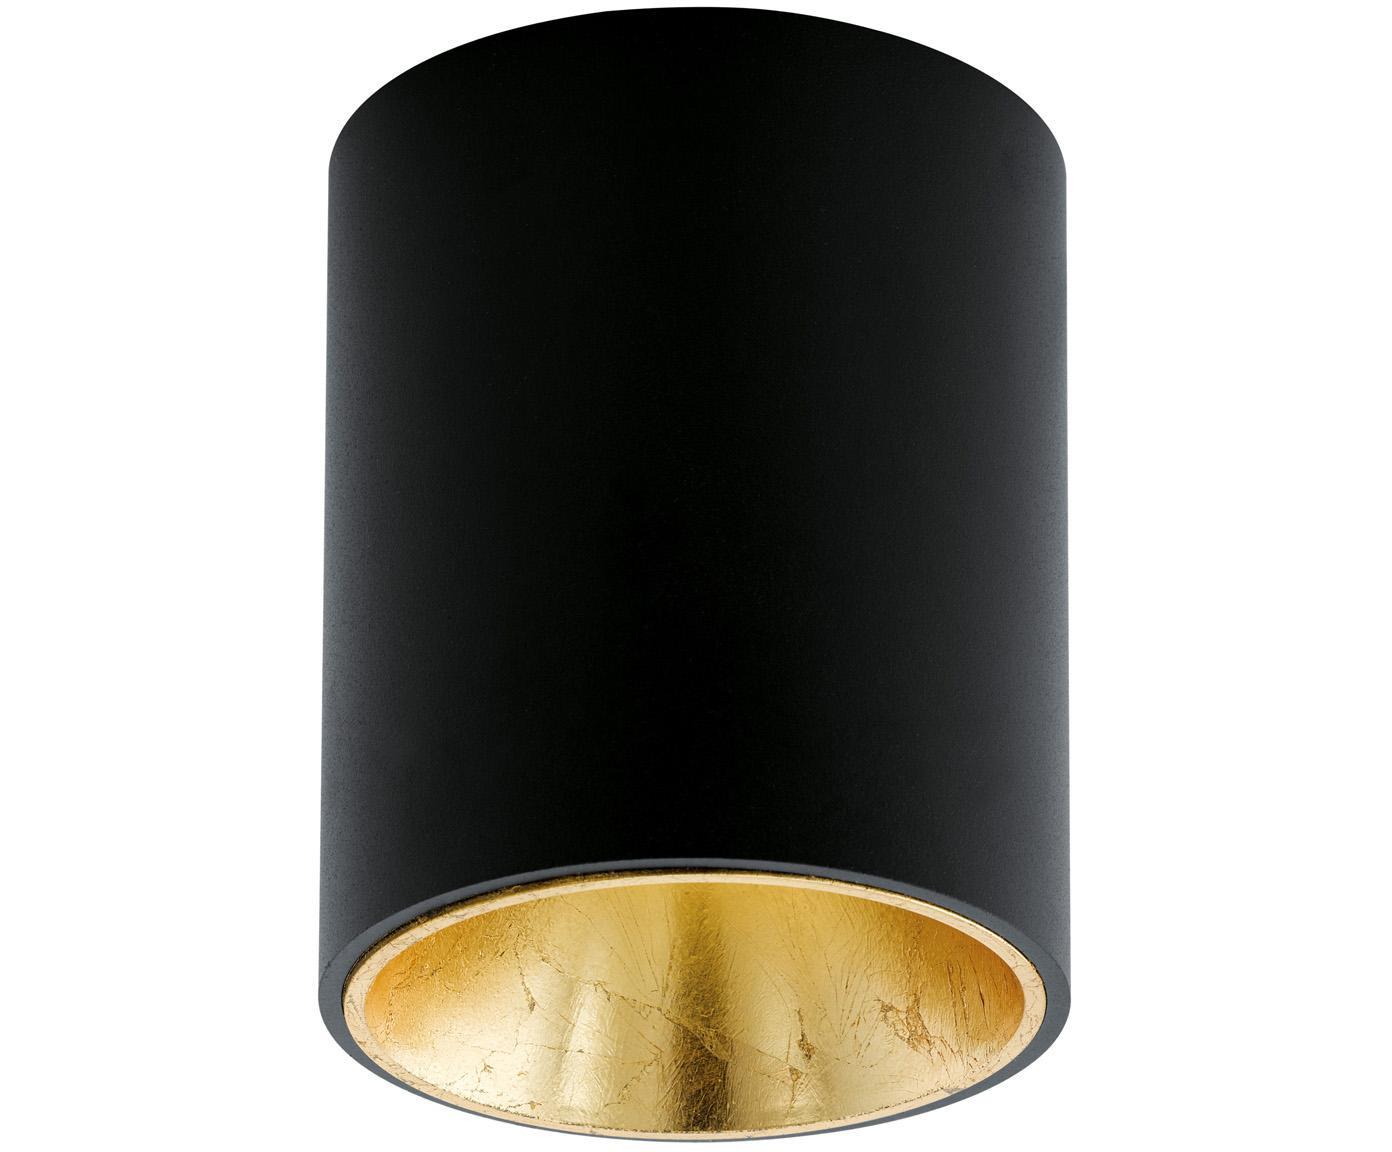 Lampa spot LED Marty, Czarny, odcienie złotego, ∅ 10 x W 12 cm